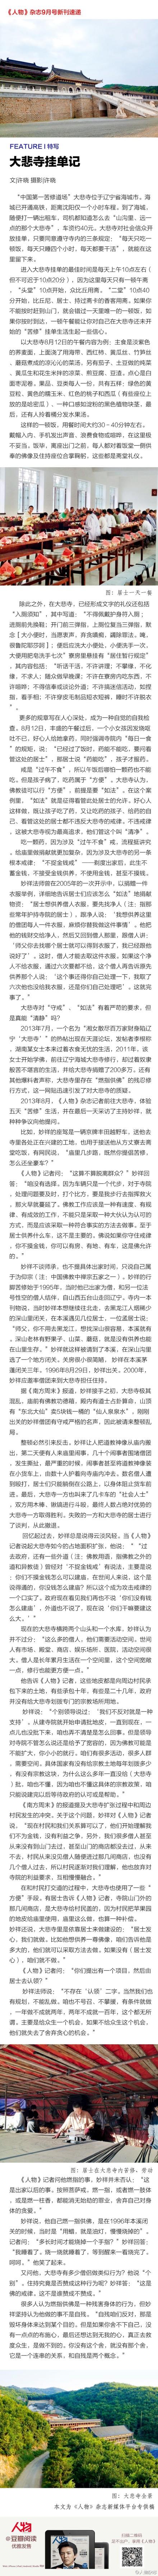 """海城大悲寺_大悲寺主持证实""""燃指供佛""""修行:这不是自残-搜狐新闻"""